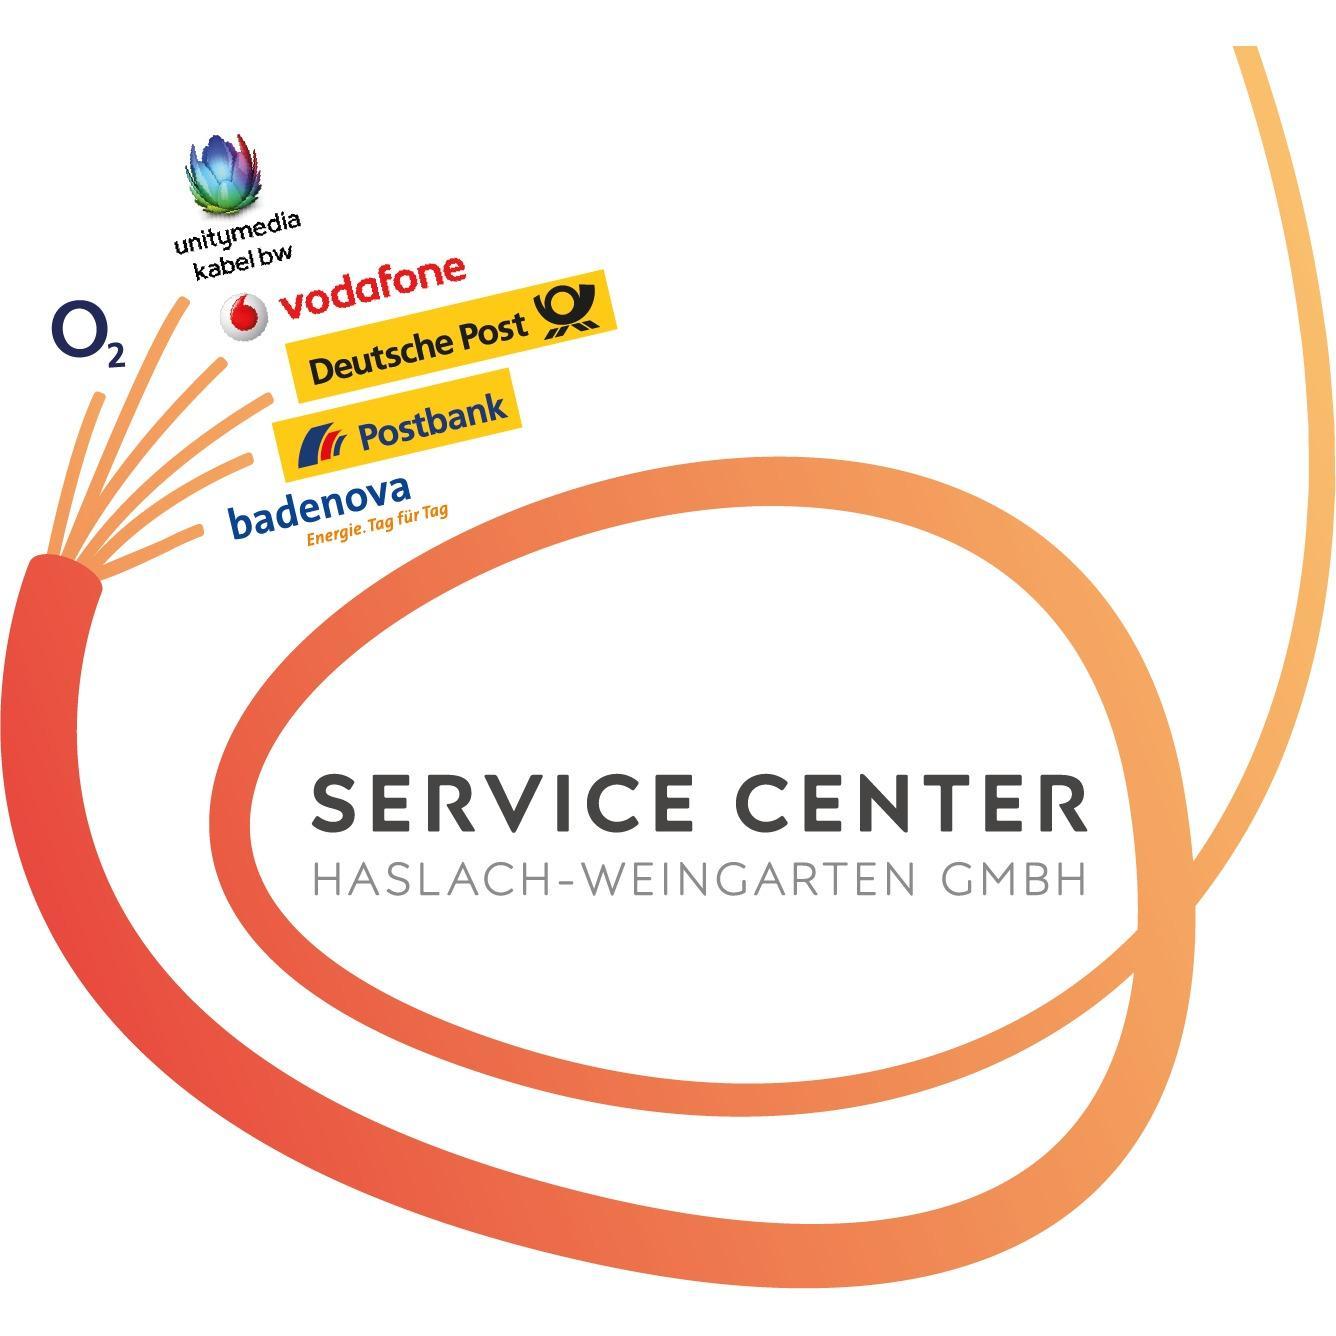 Ihr Spezialist für Telekommunikation und Energie | Badenova Shop Service Center Haslach-Weingarten